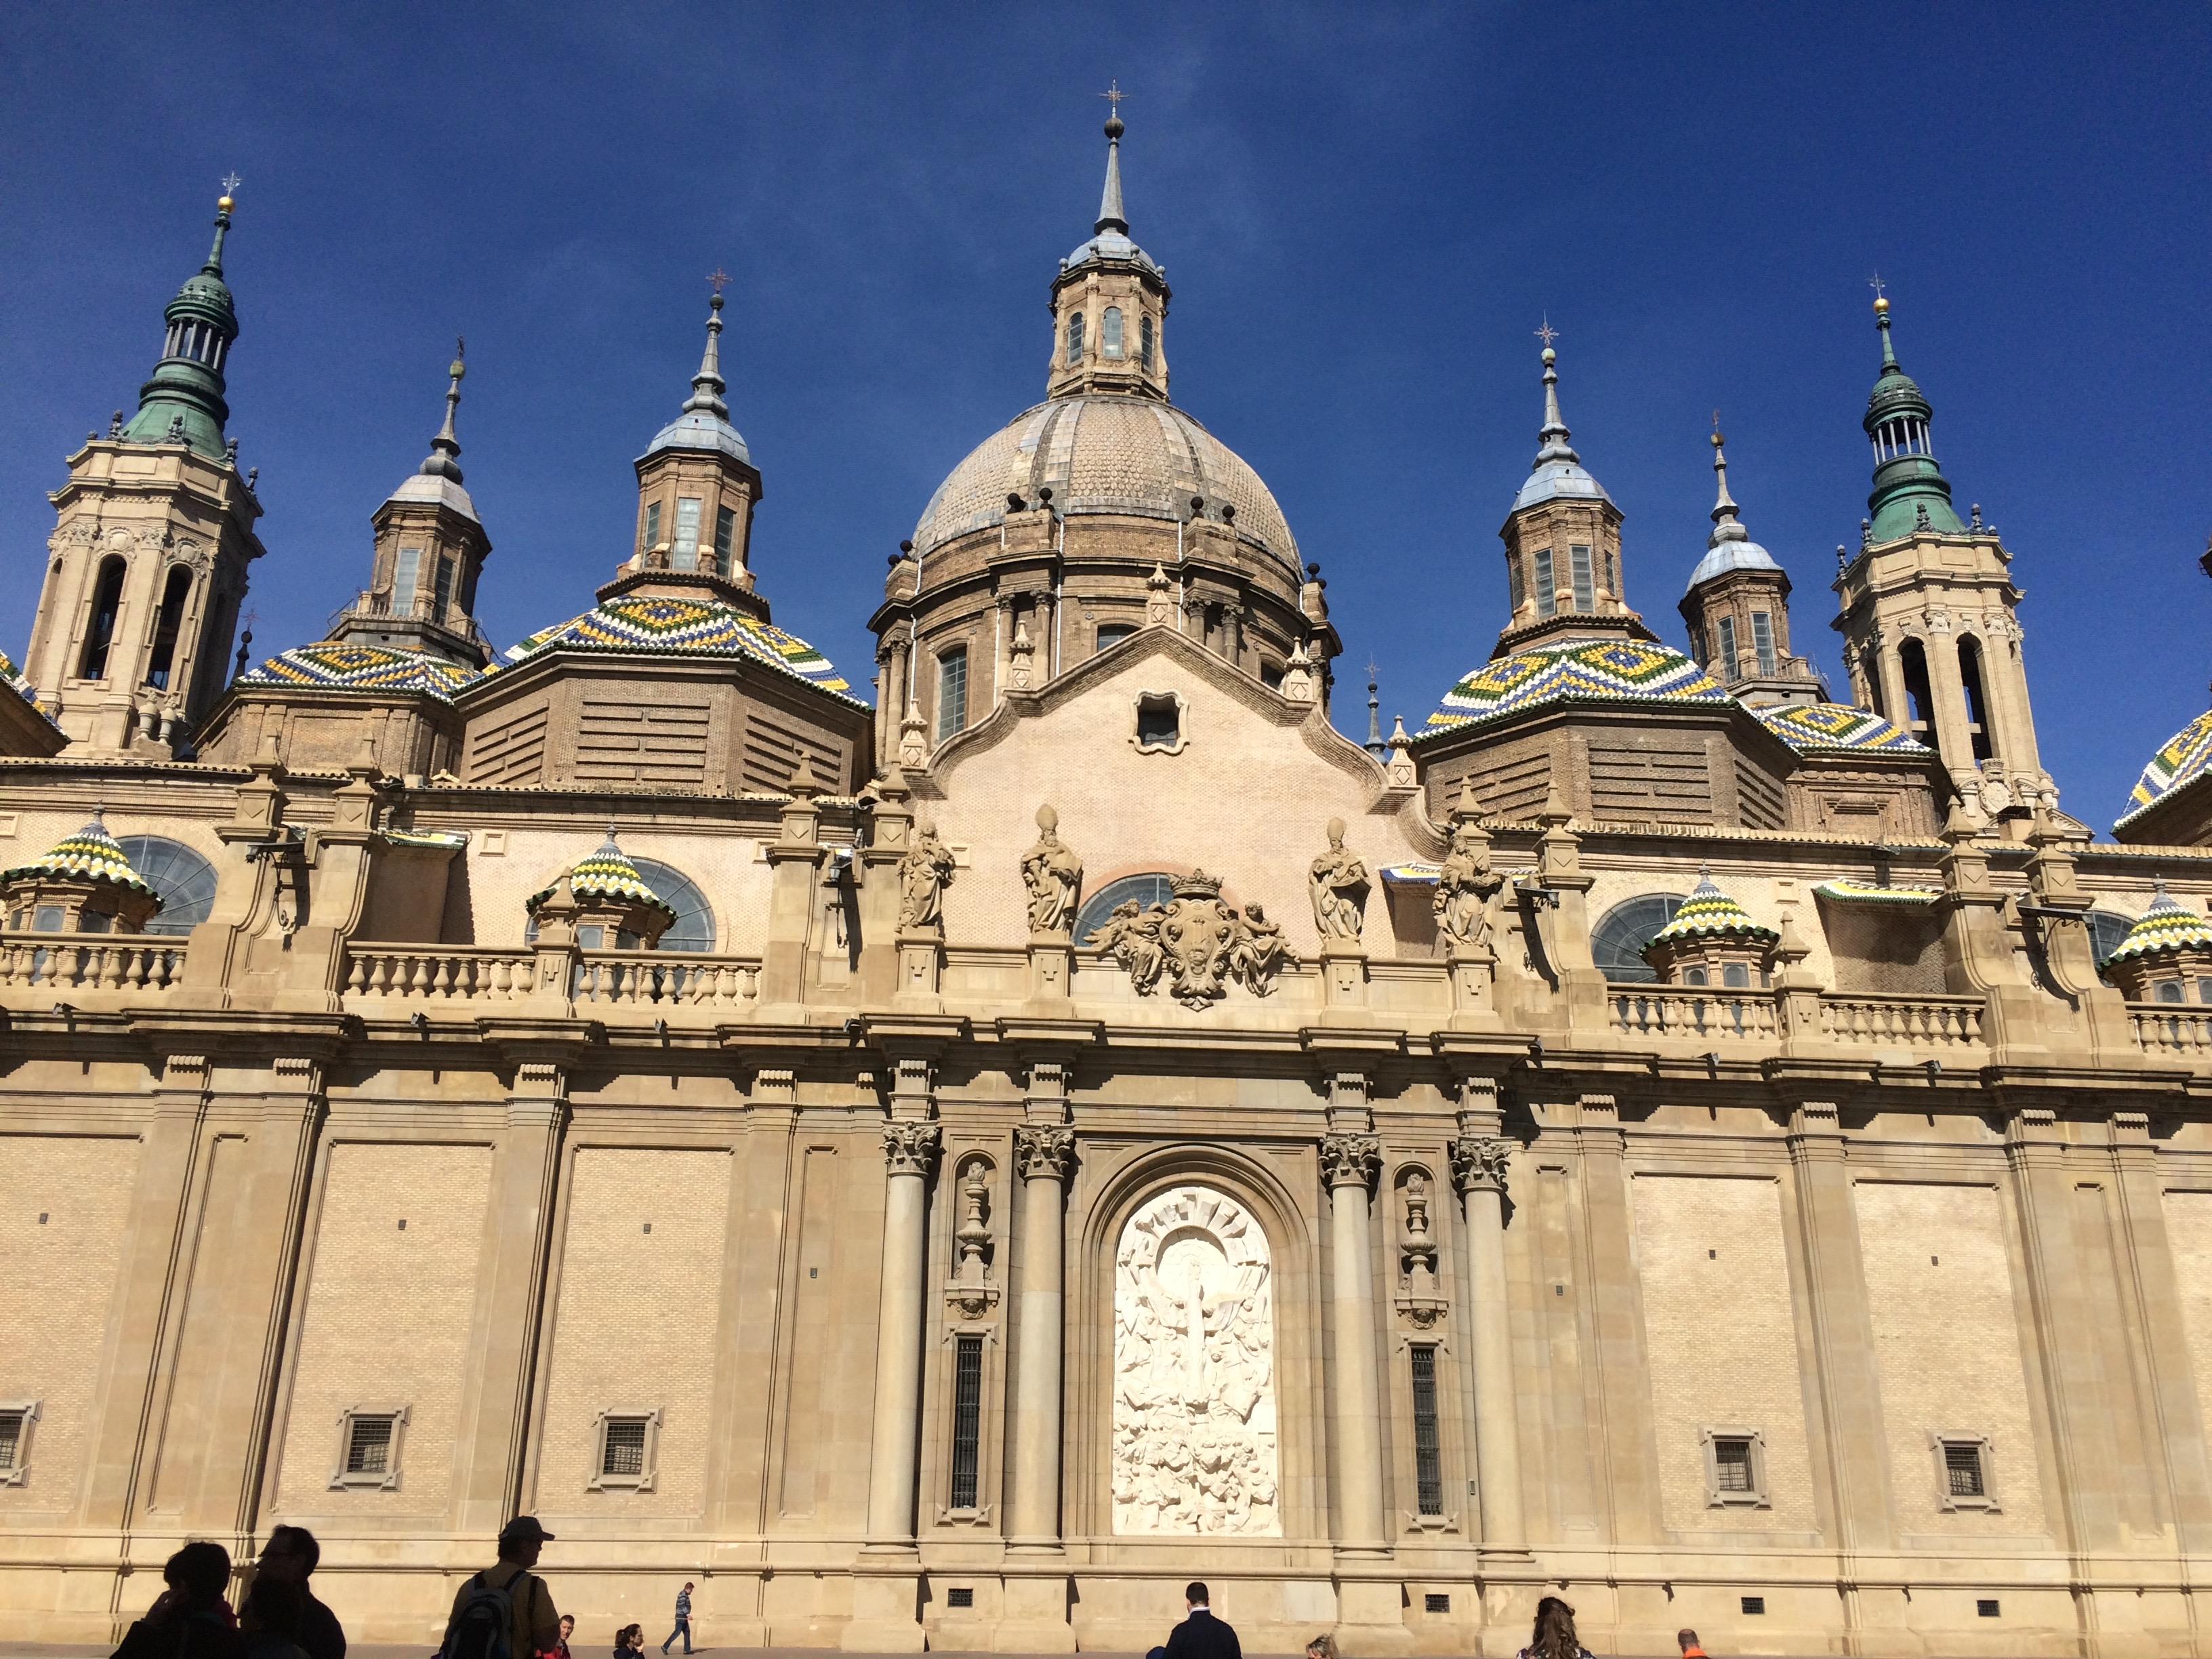 Zaragoza Catedral-Basílica de Nuestra Señora del Pilar